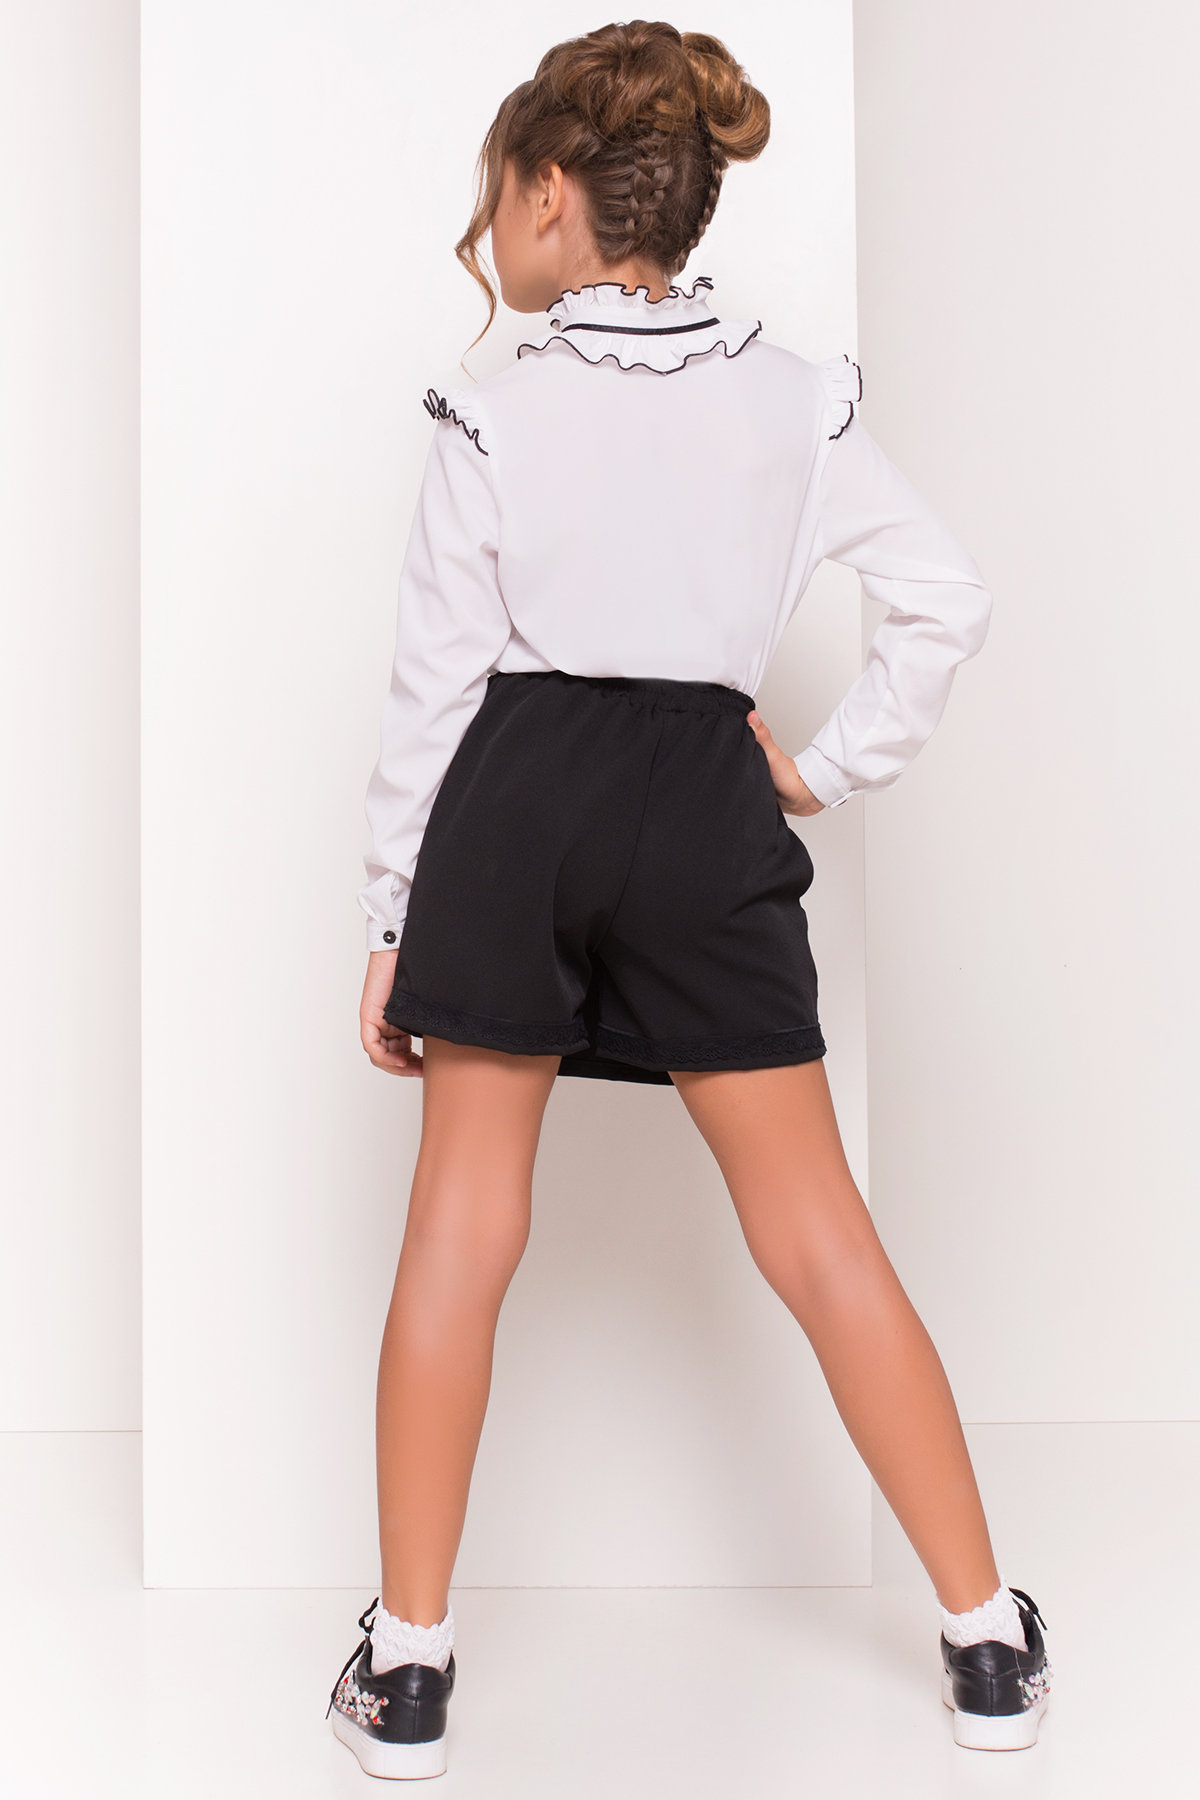 Блуза детская Нури  5174 АРТ. 36163 Цвет: Белый - фото 3, интернет магазин tm-modus.ru